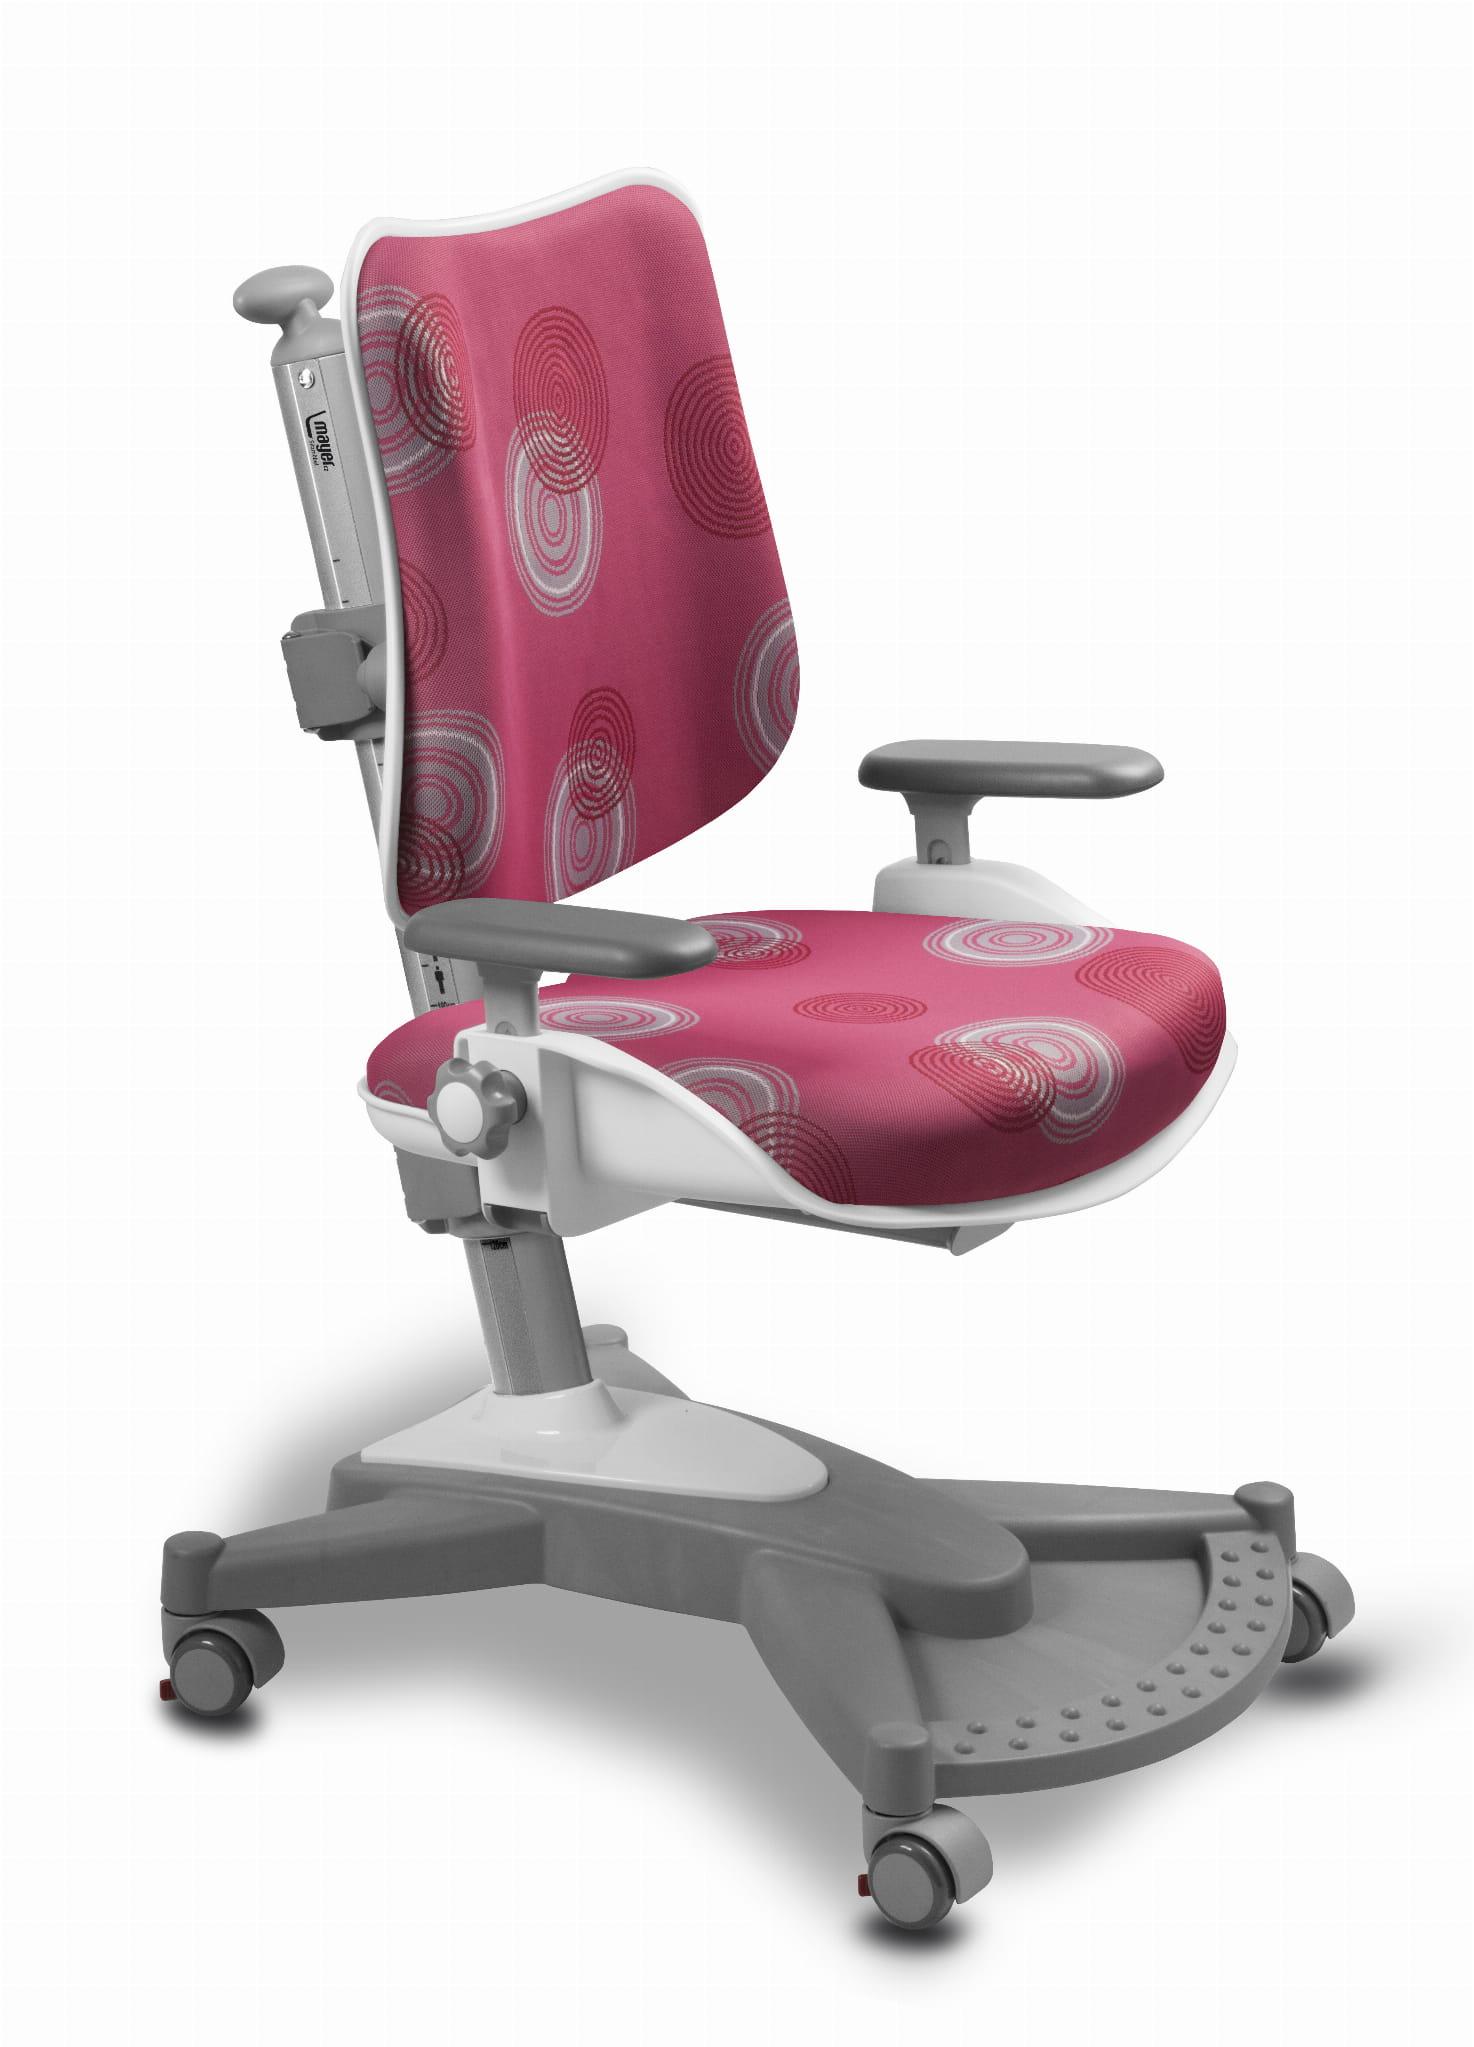 Krzesło ergonomiczne do biurka MyChamp różowe 26 33 59 cm